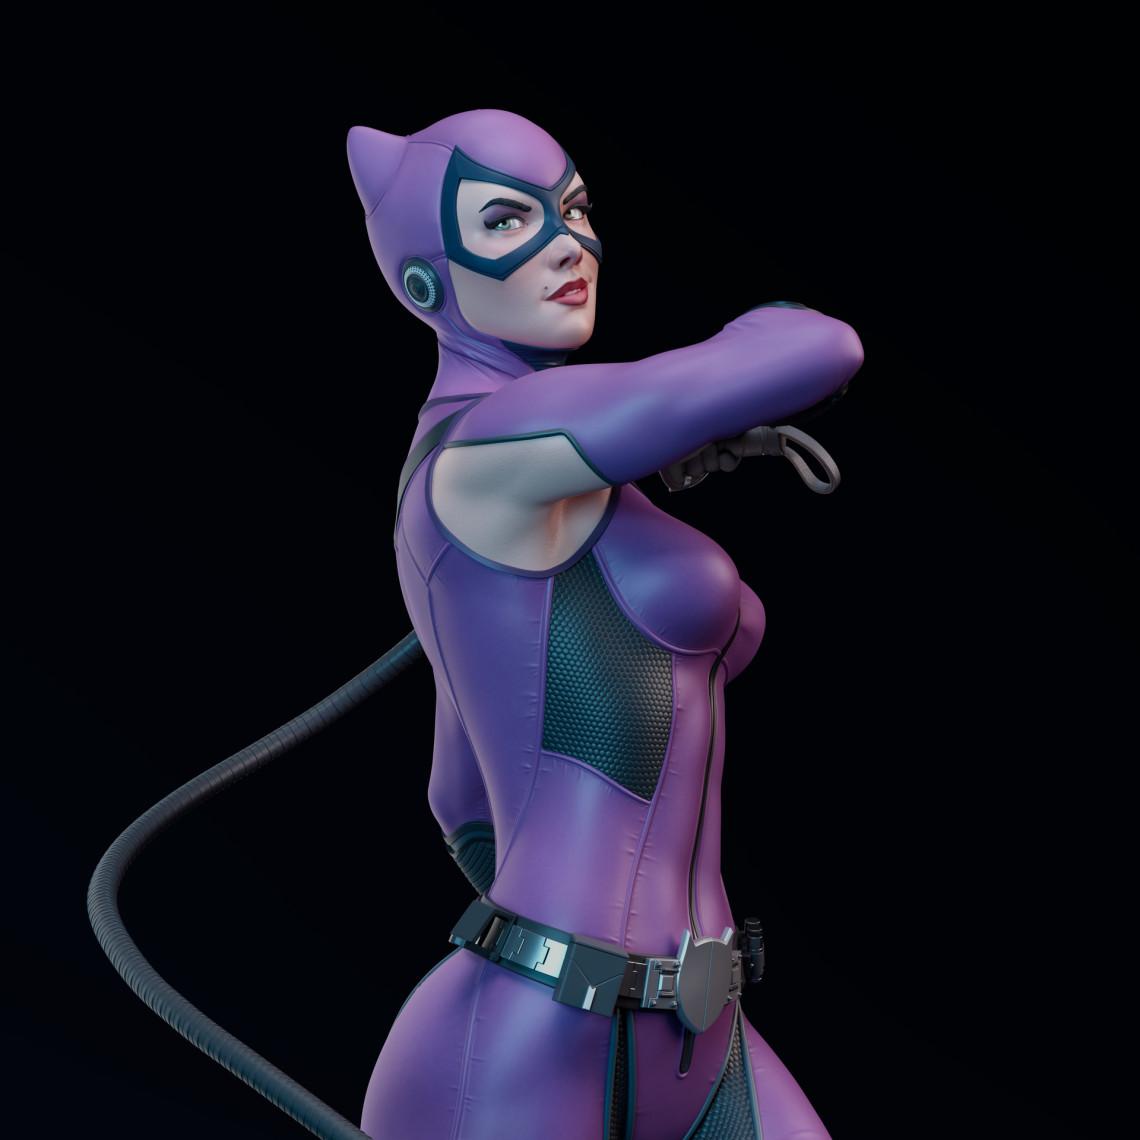 猫女角色设计    设计师:jonajr10